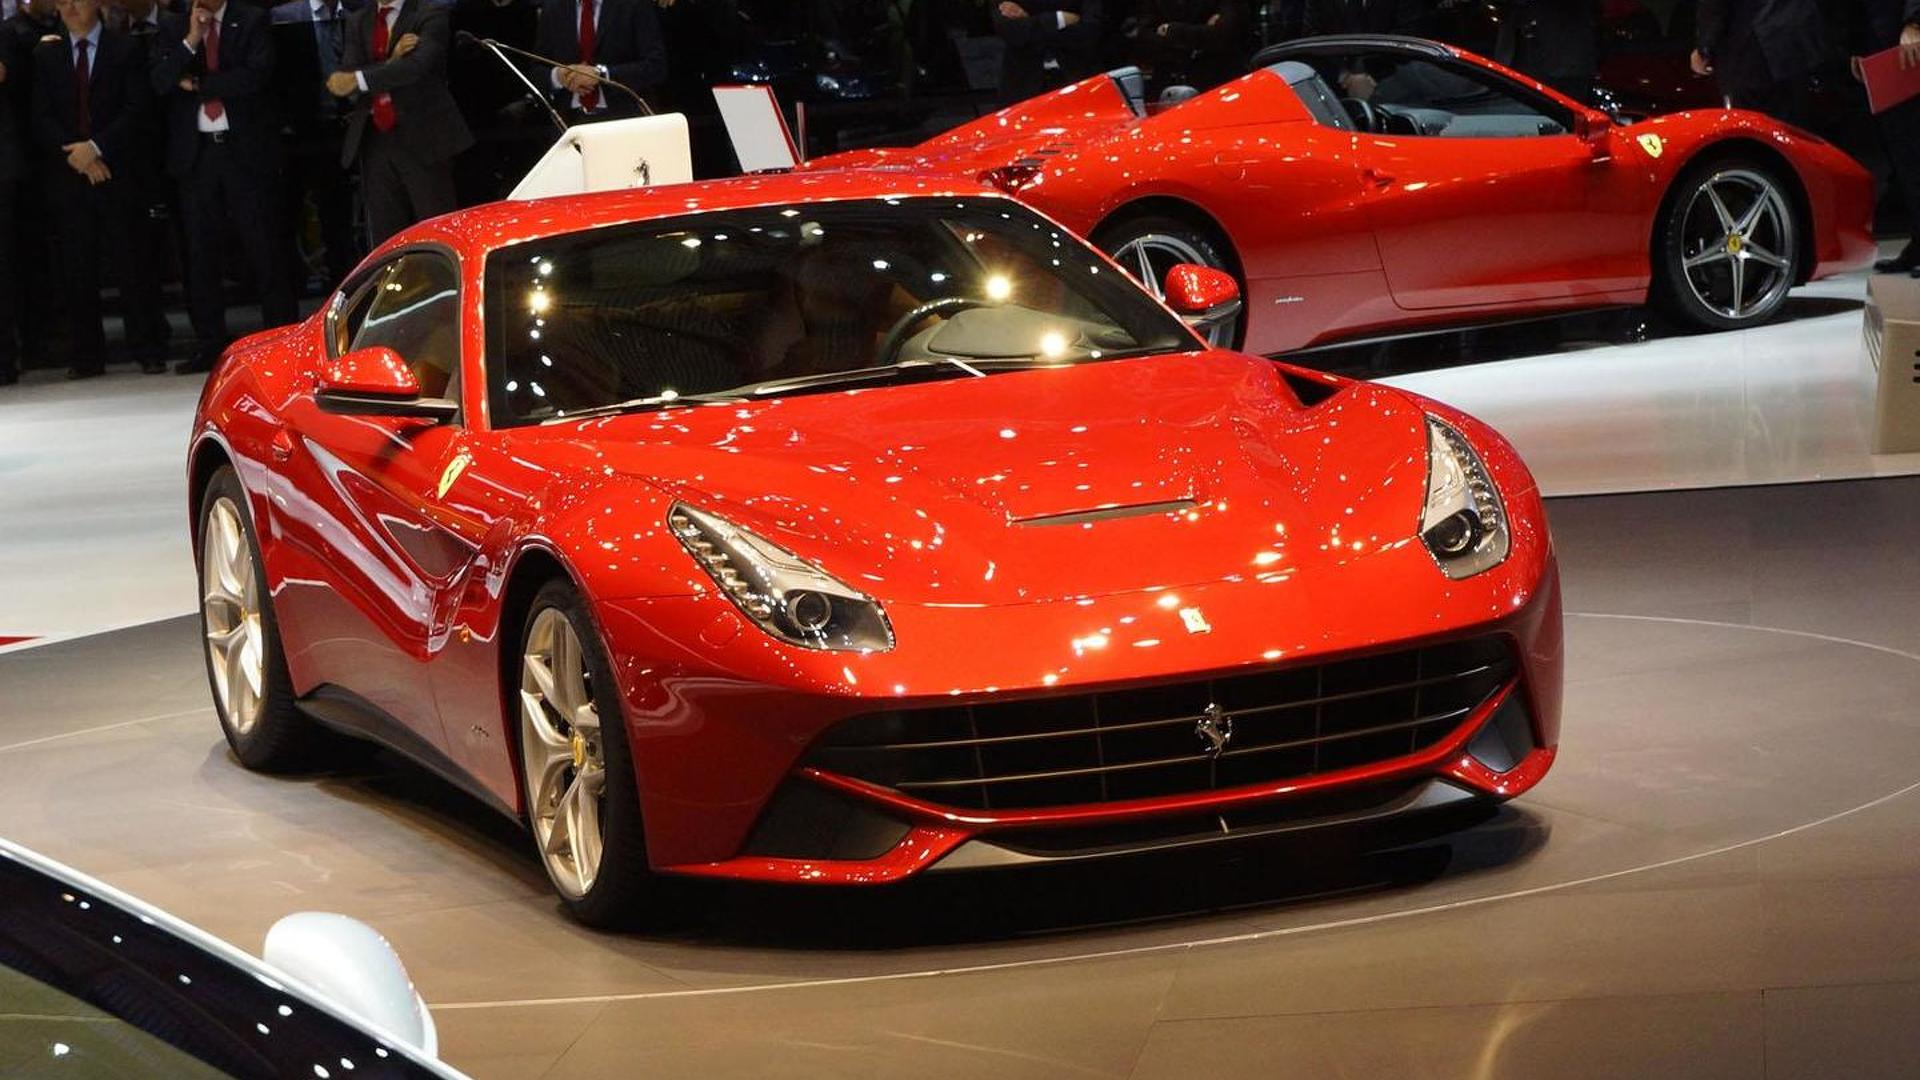 Ferrari F12 Berlinetta unveiled in Geneva